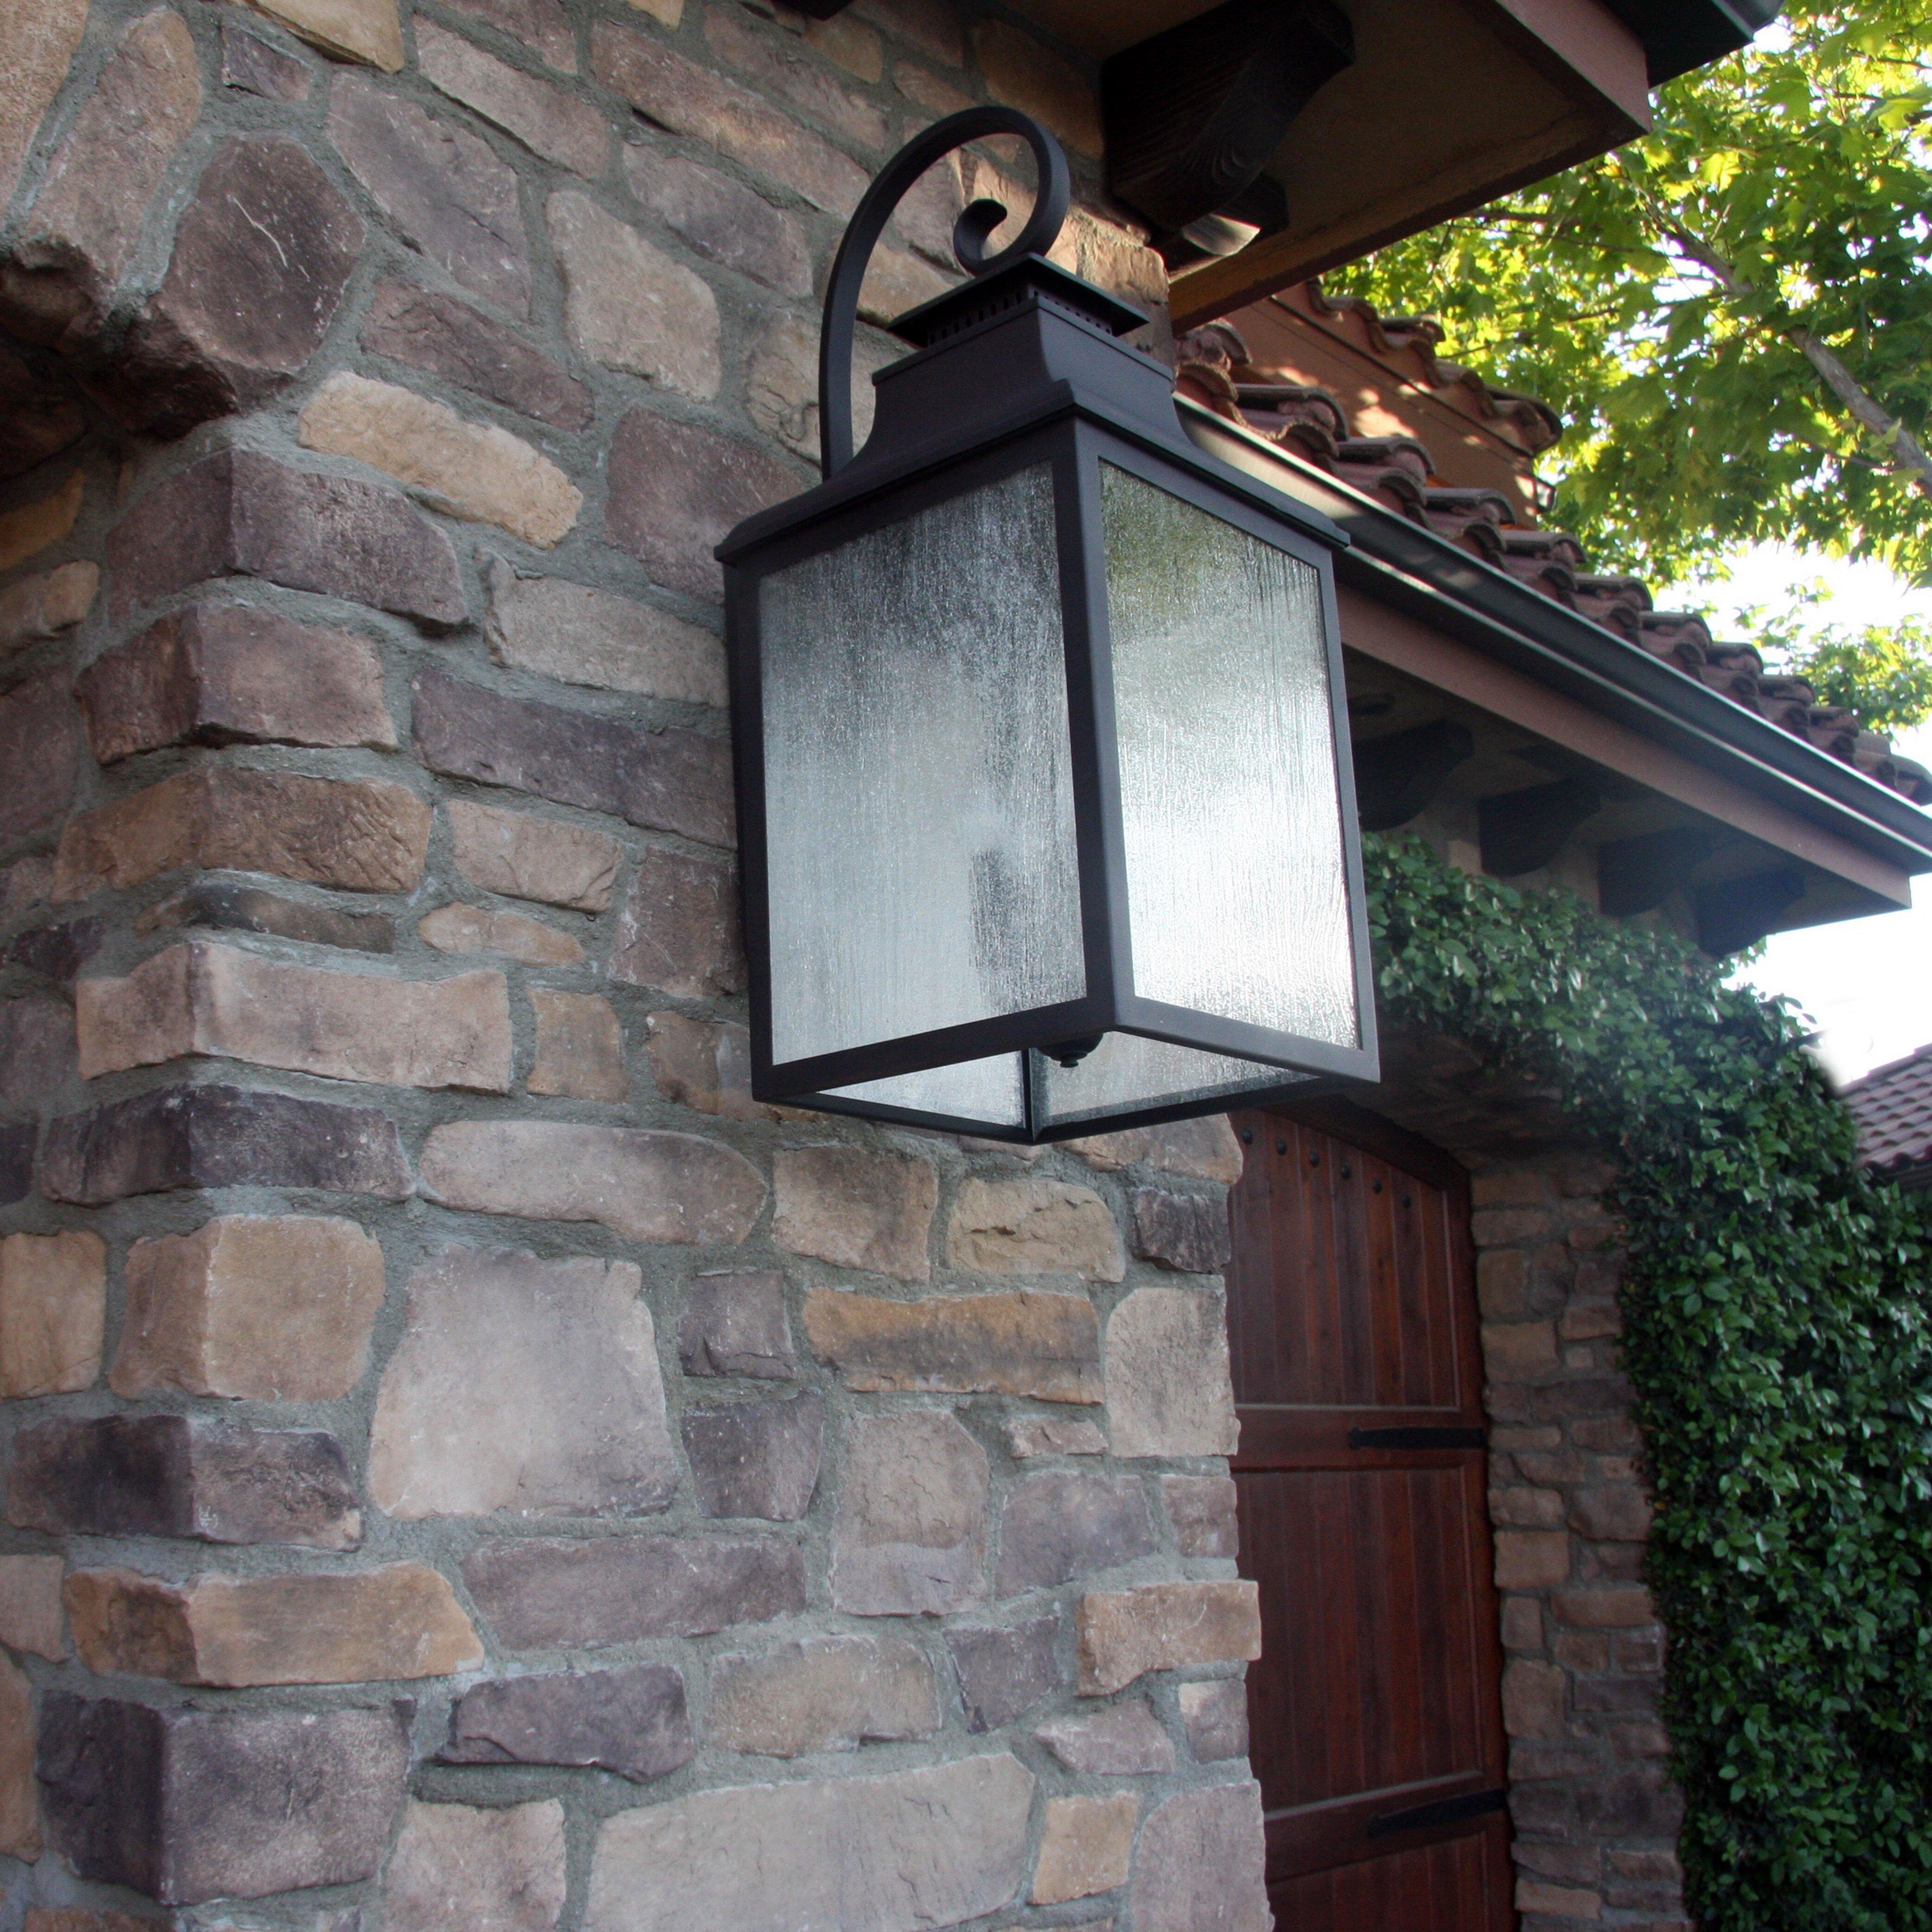 Outdoor Lamp Decoration: Y Decor Morgan 3 Light Outdoor Wall Lantern & Reviews